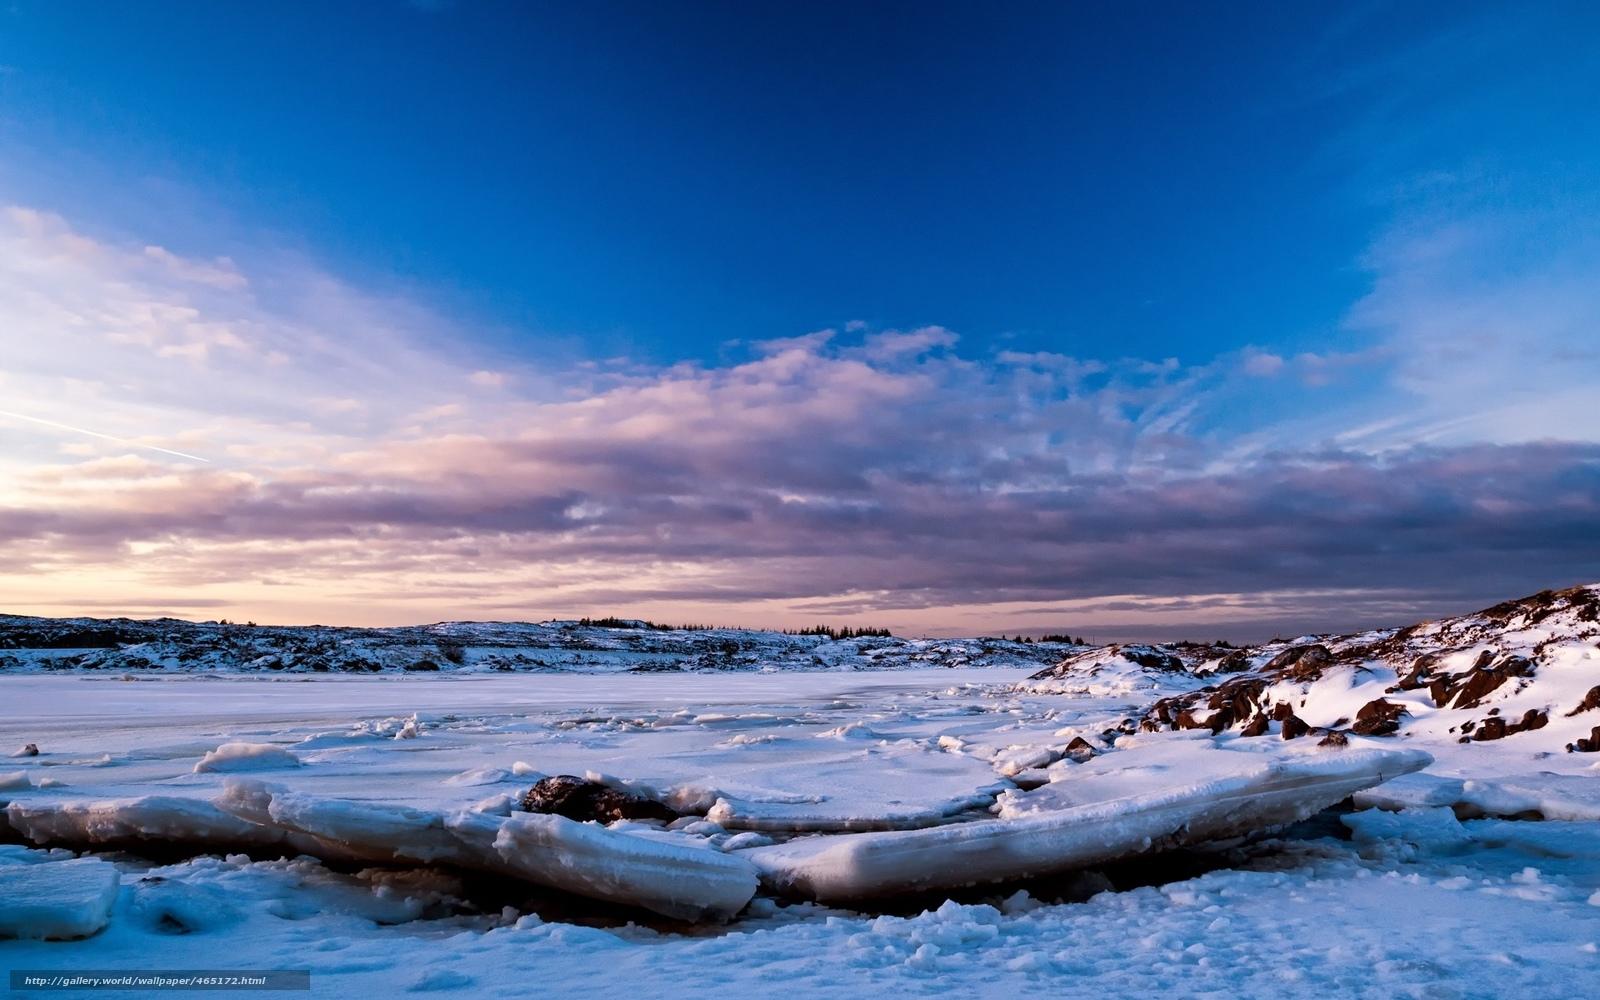 Scaricare gli sfondi ghiaccio inverno pc inverno sfondi for Immagini inverno sfondi